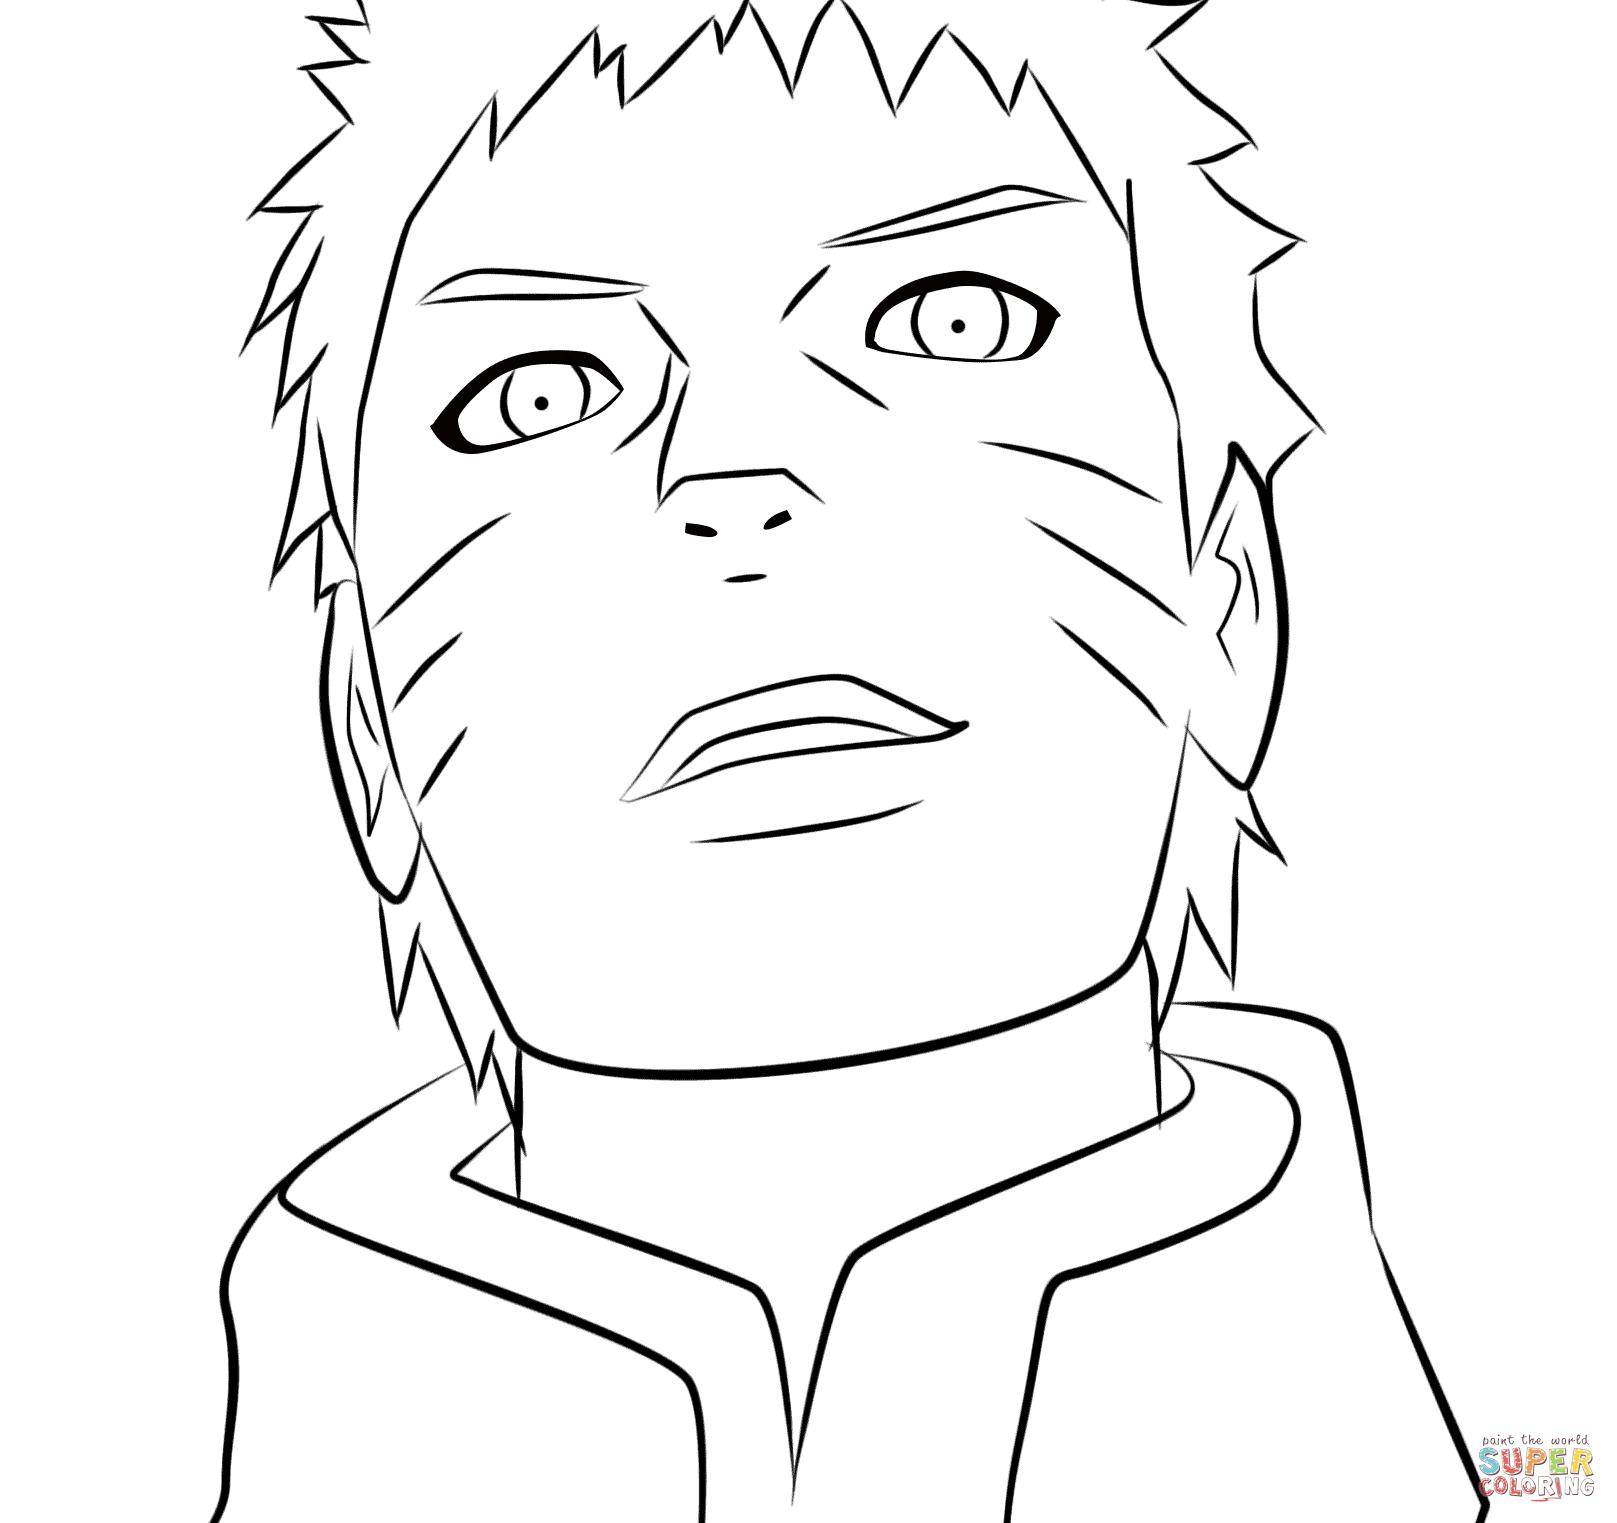 Dibujo De Kakashi Hatake De Naruto Para Colorear Dibujos